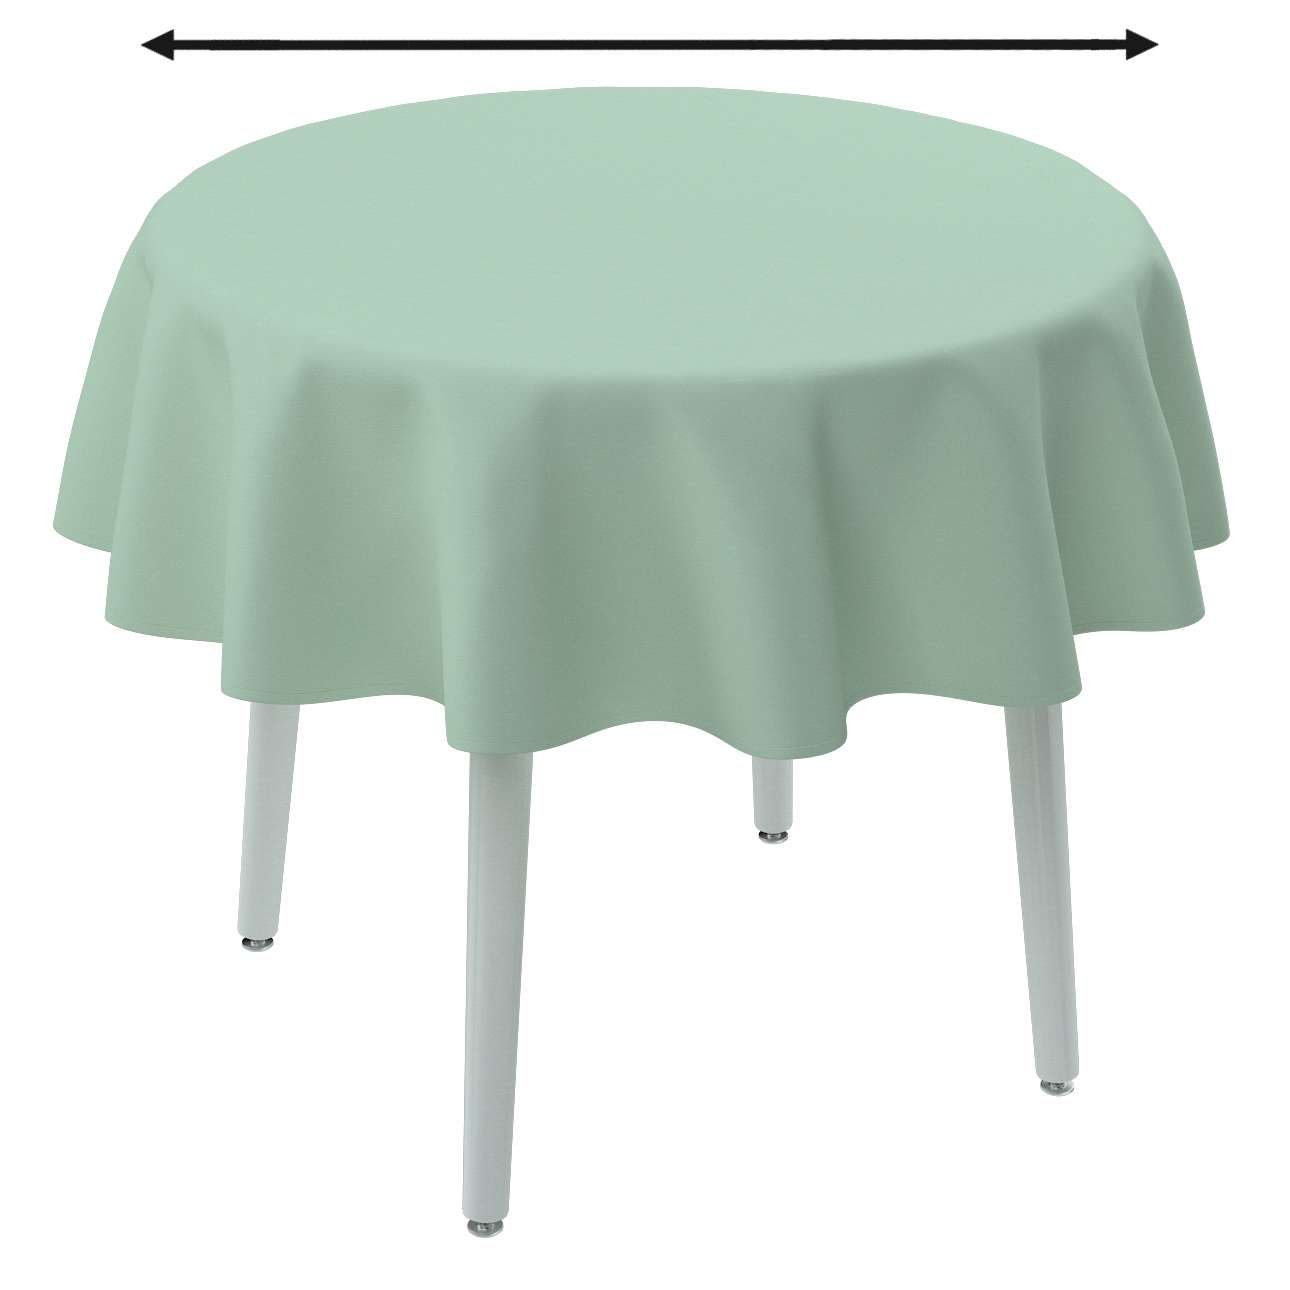 Runde Tischdecke von der Kollektion Loneta, Stoff: 133-61